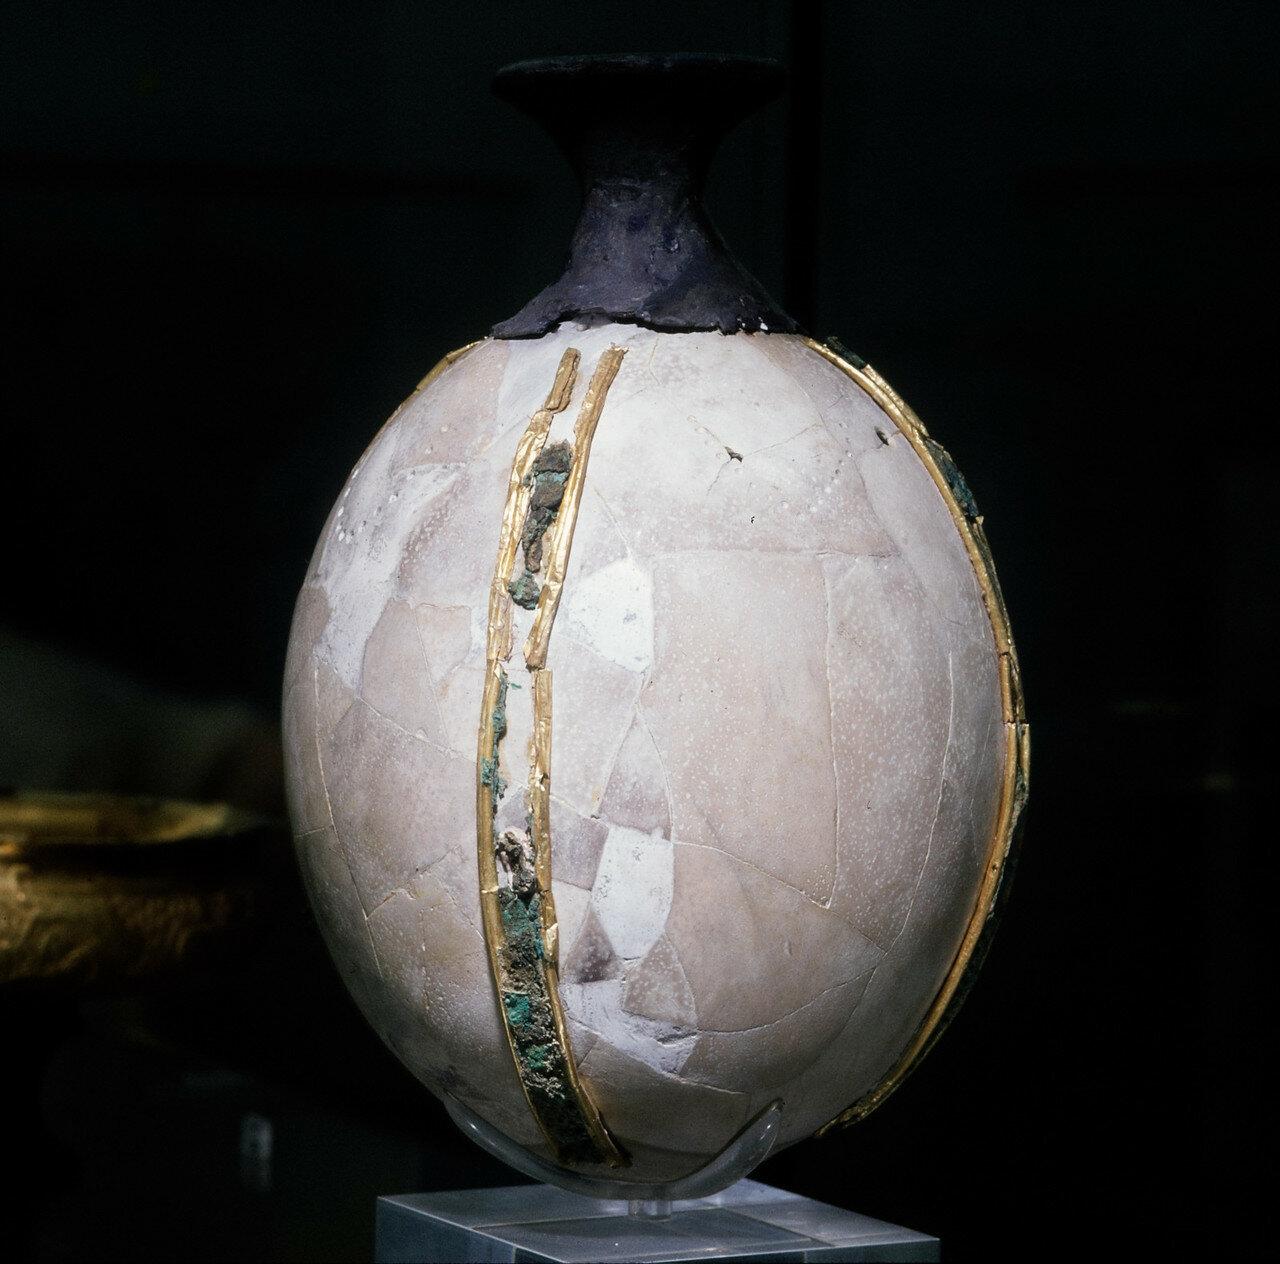 Ритон с серебряным носиком и позолоченными бронзовыми полосами, XIV в. до нашей эры